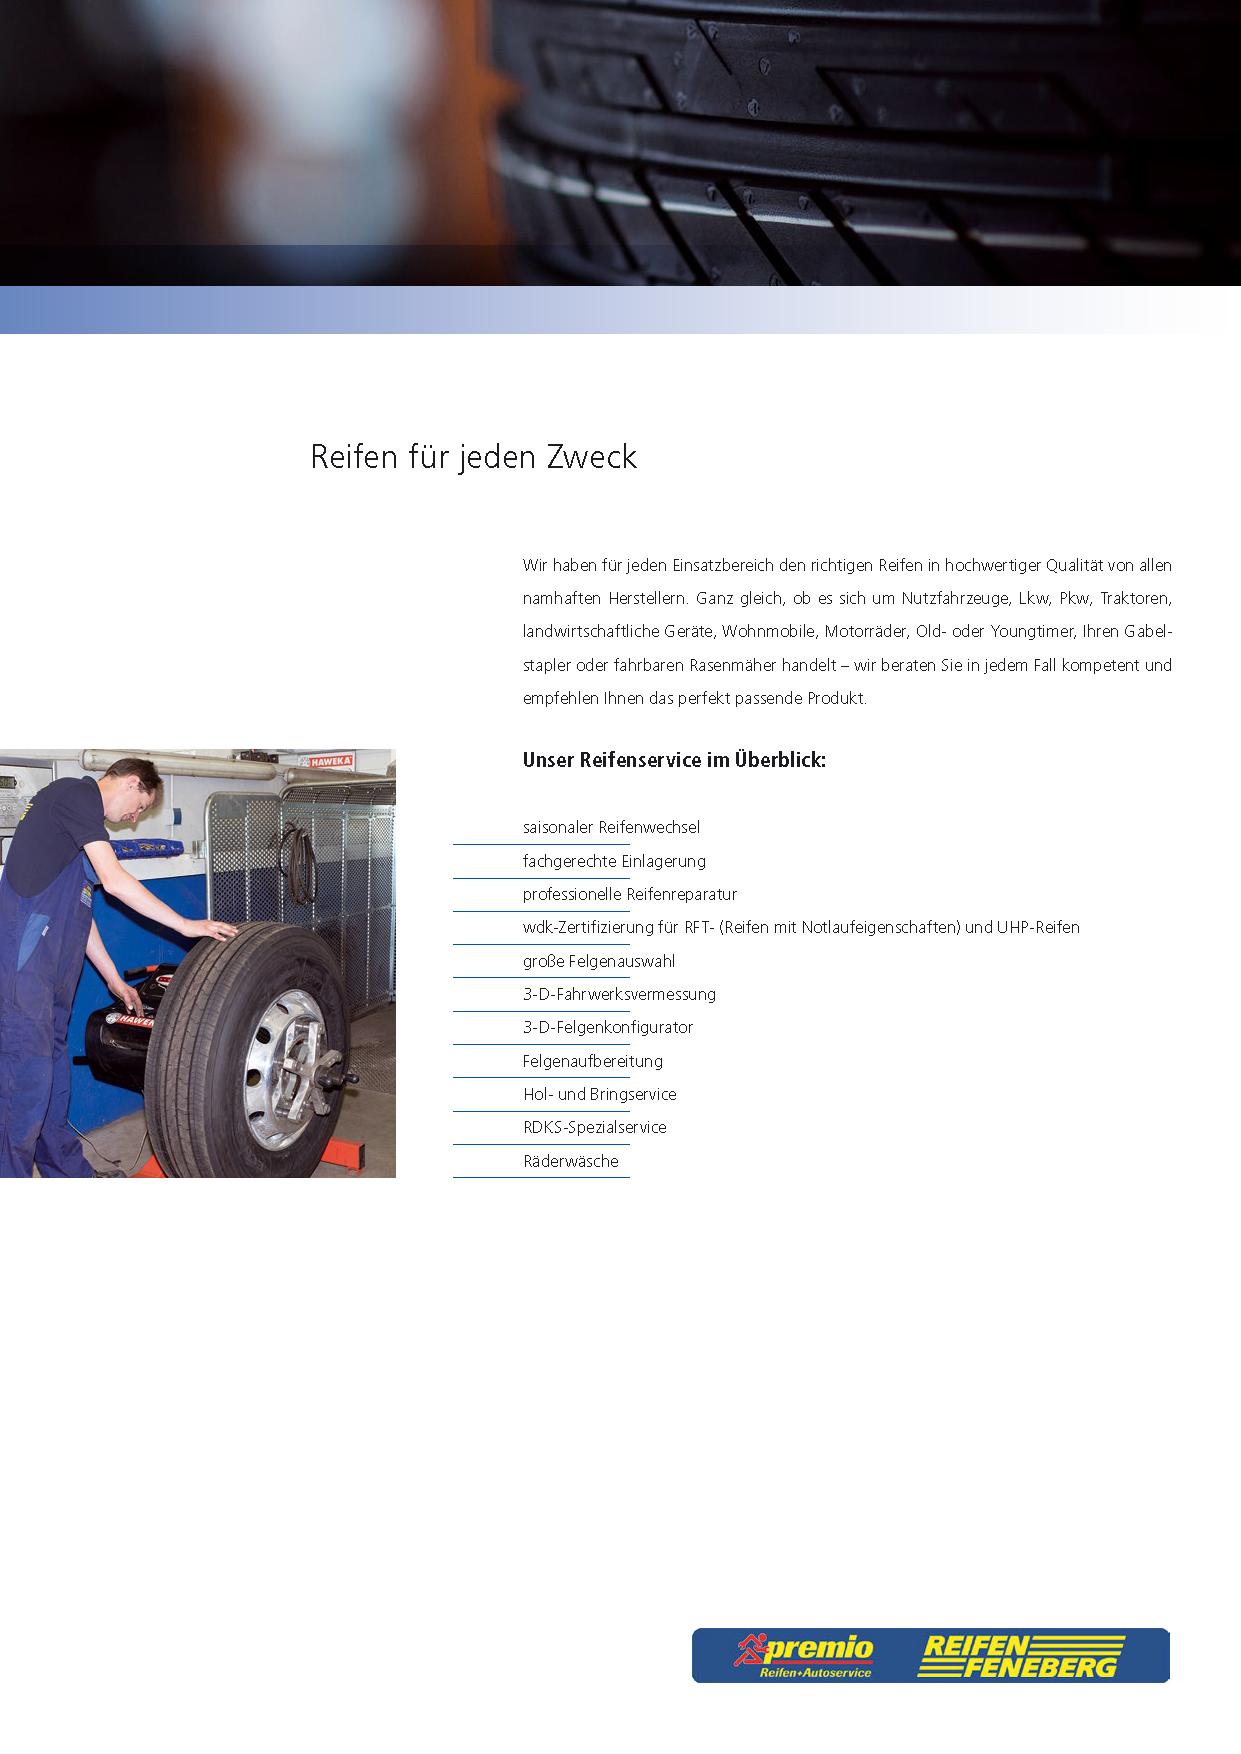 Reifen_Feneberg Imagebroschüre_Seite_05